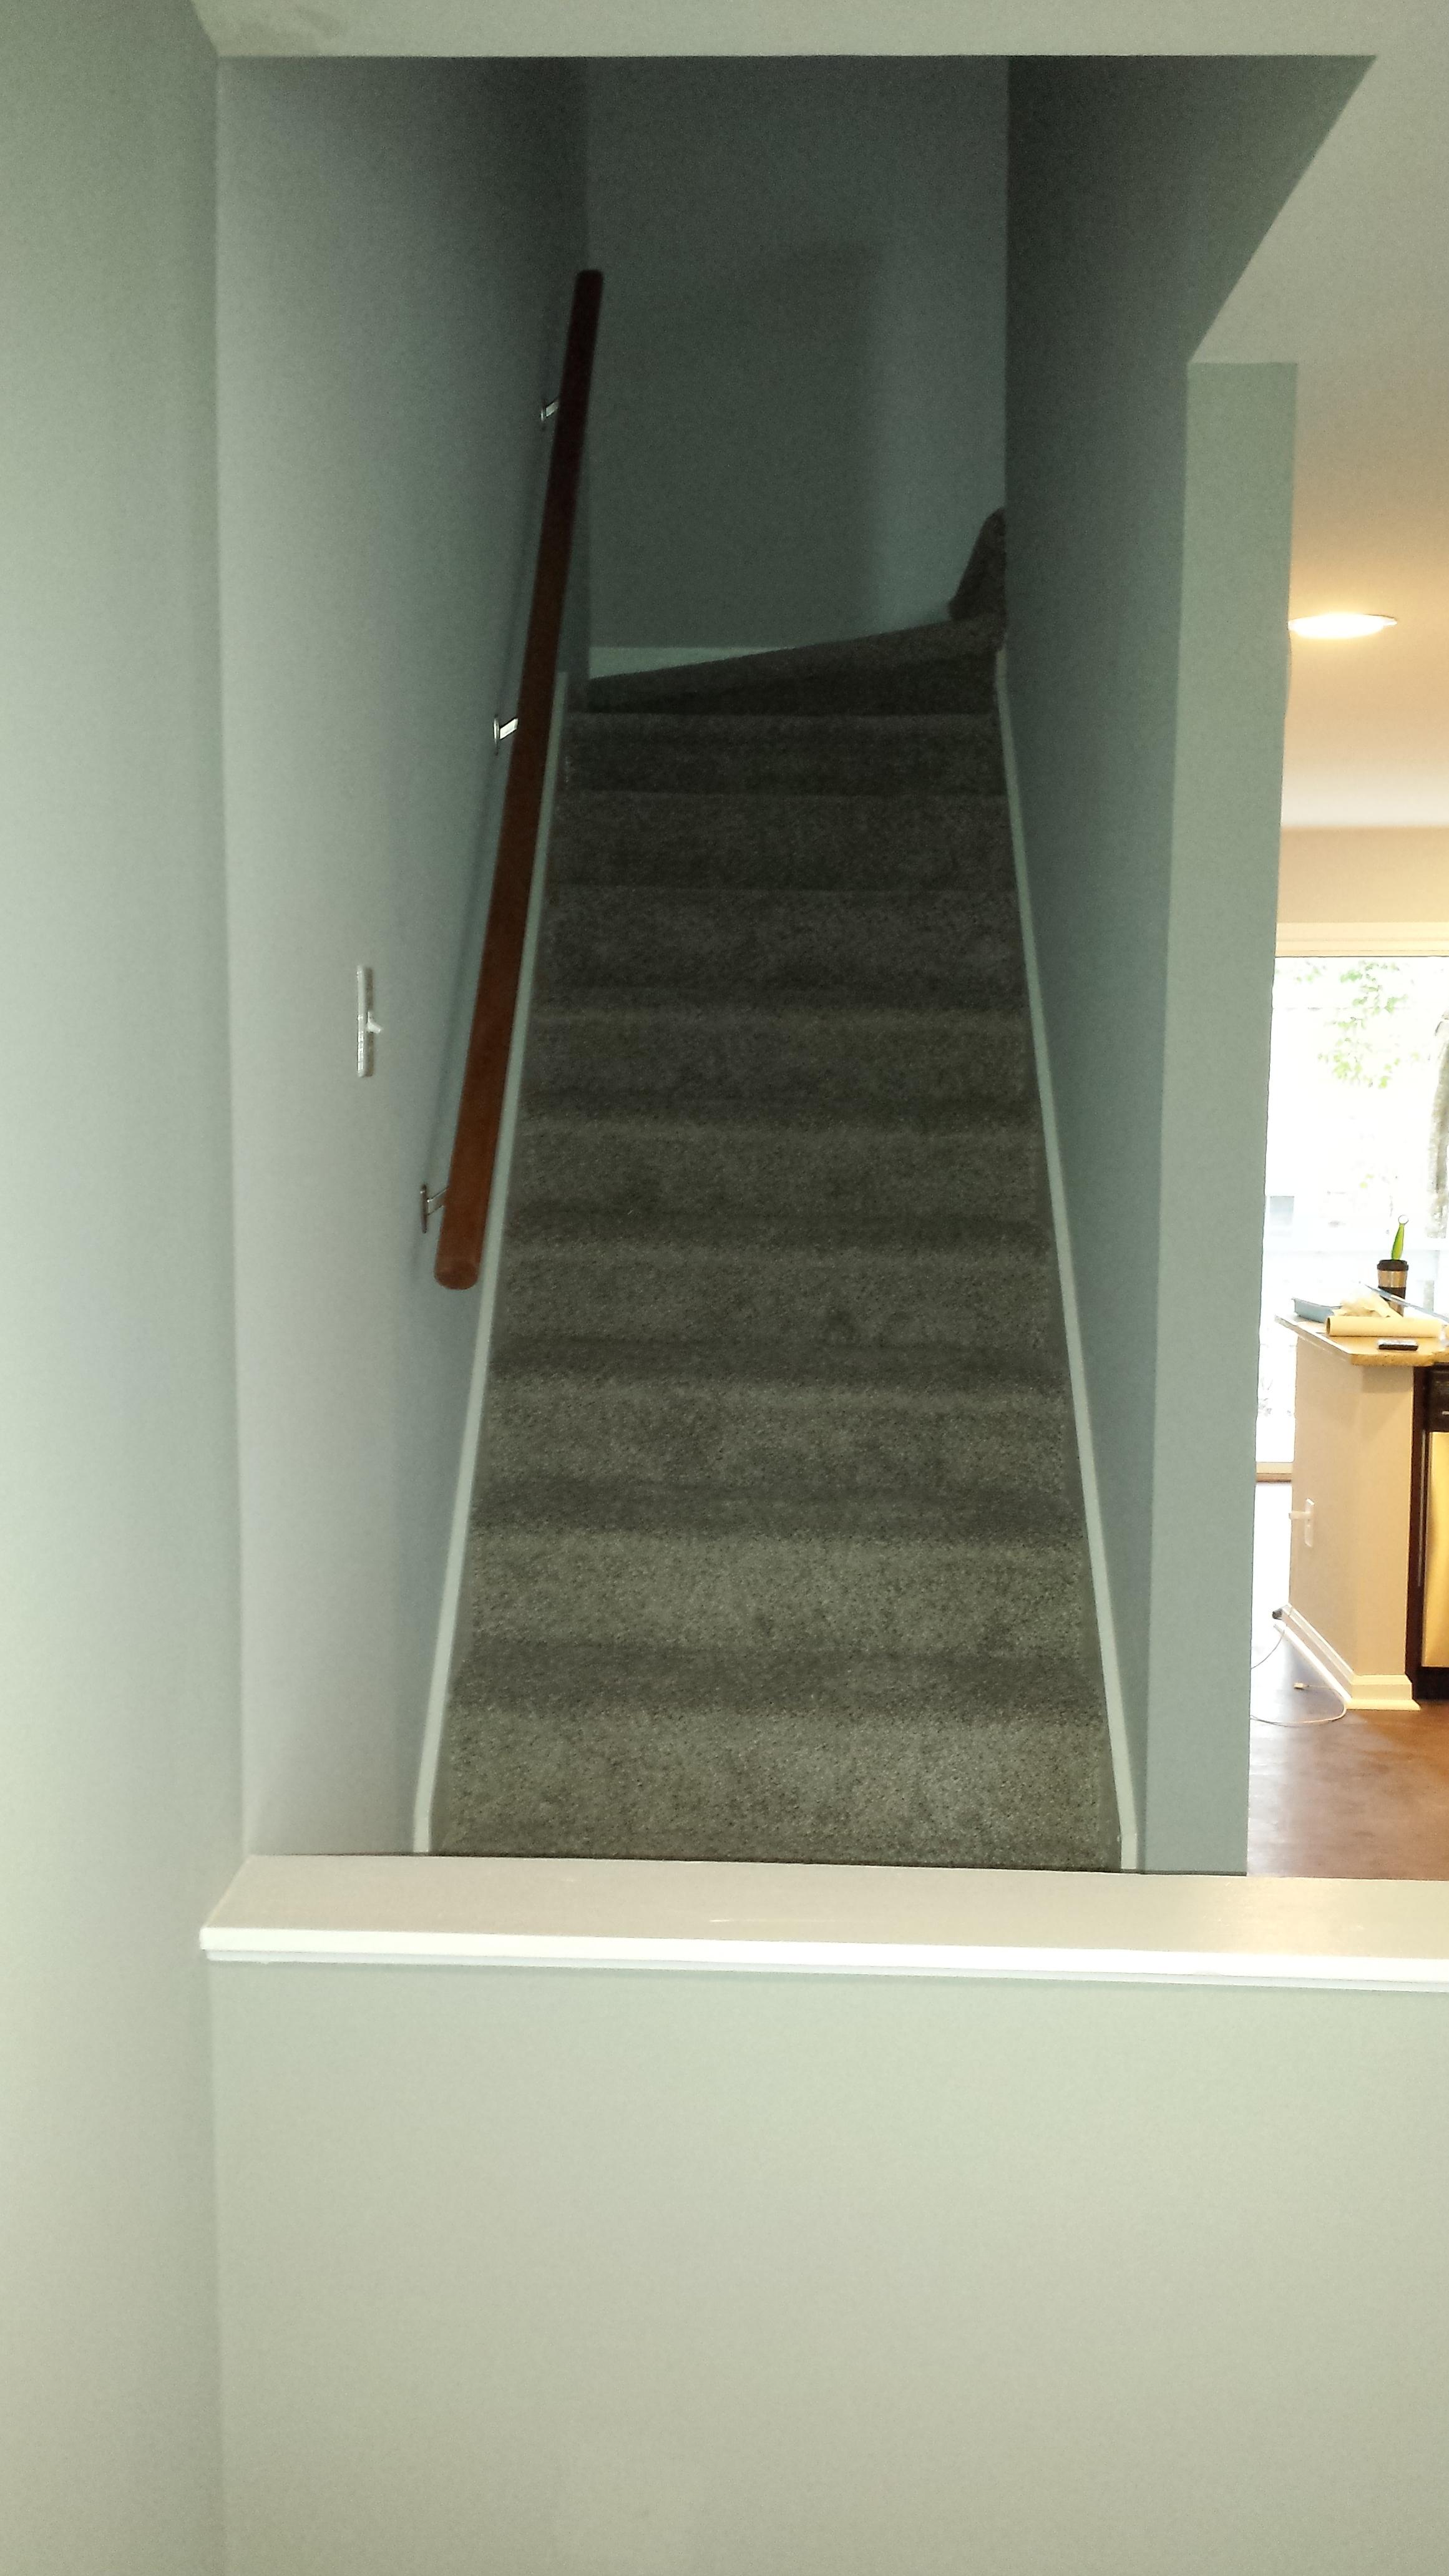 Greensboro Street, N., 504-C - Stairs.jpg